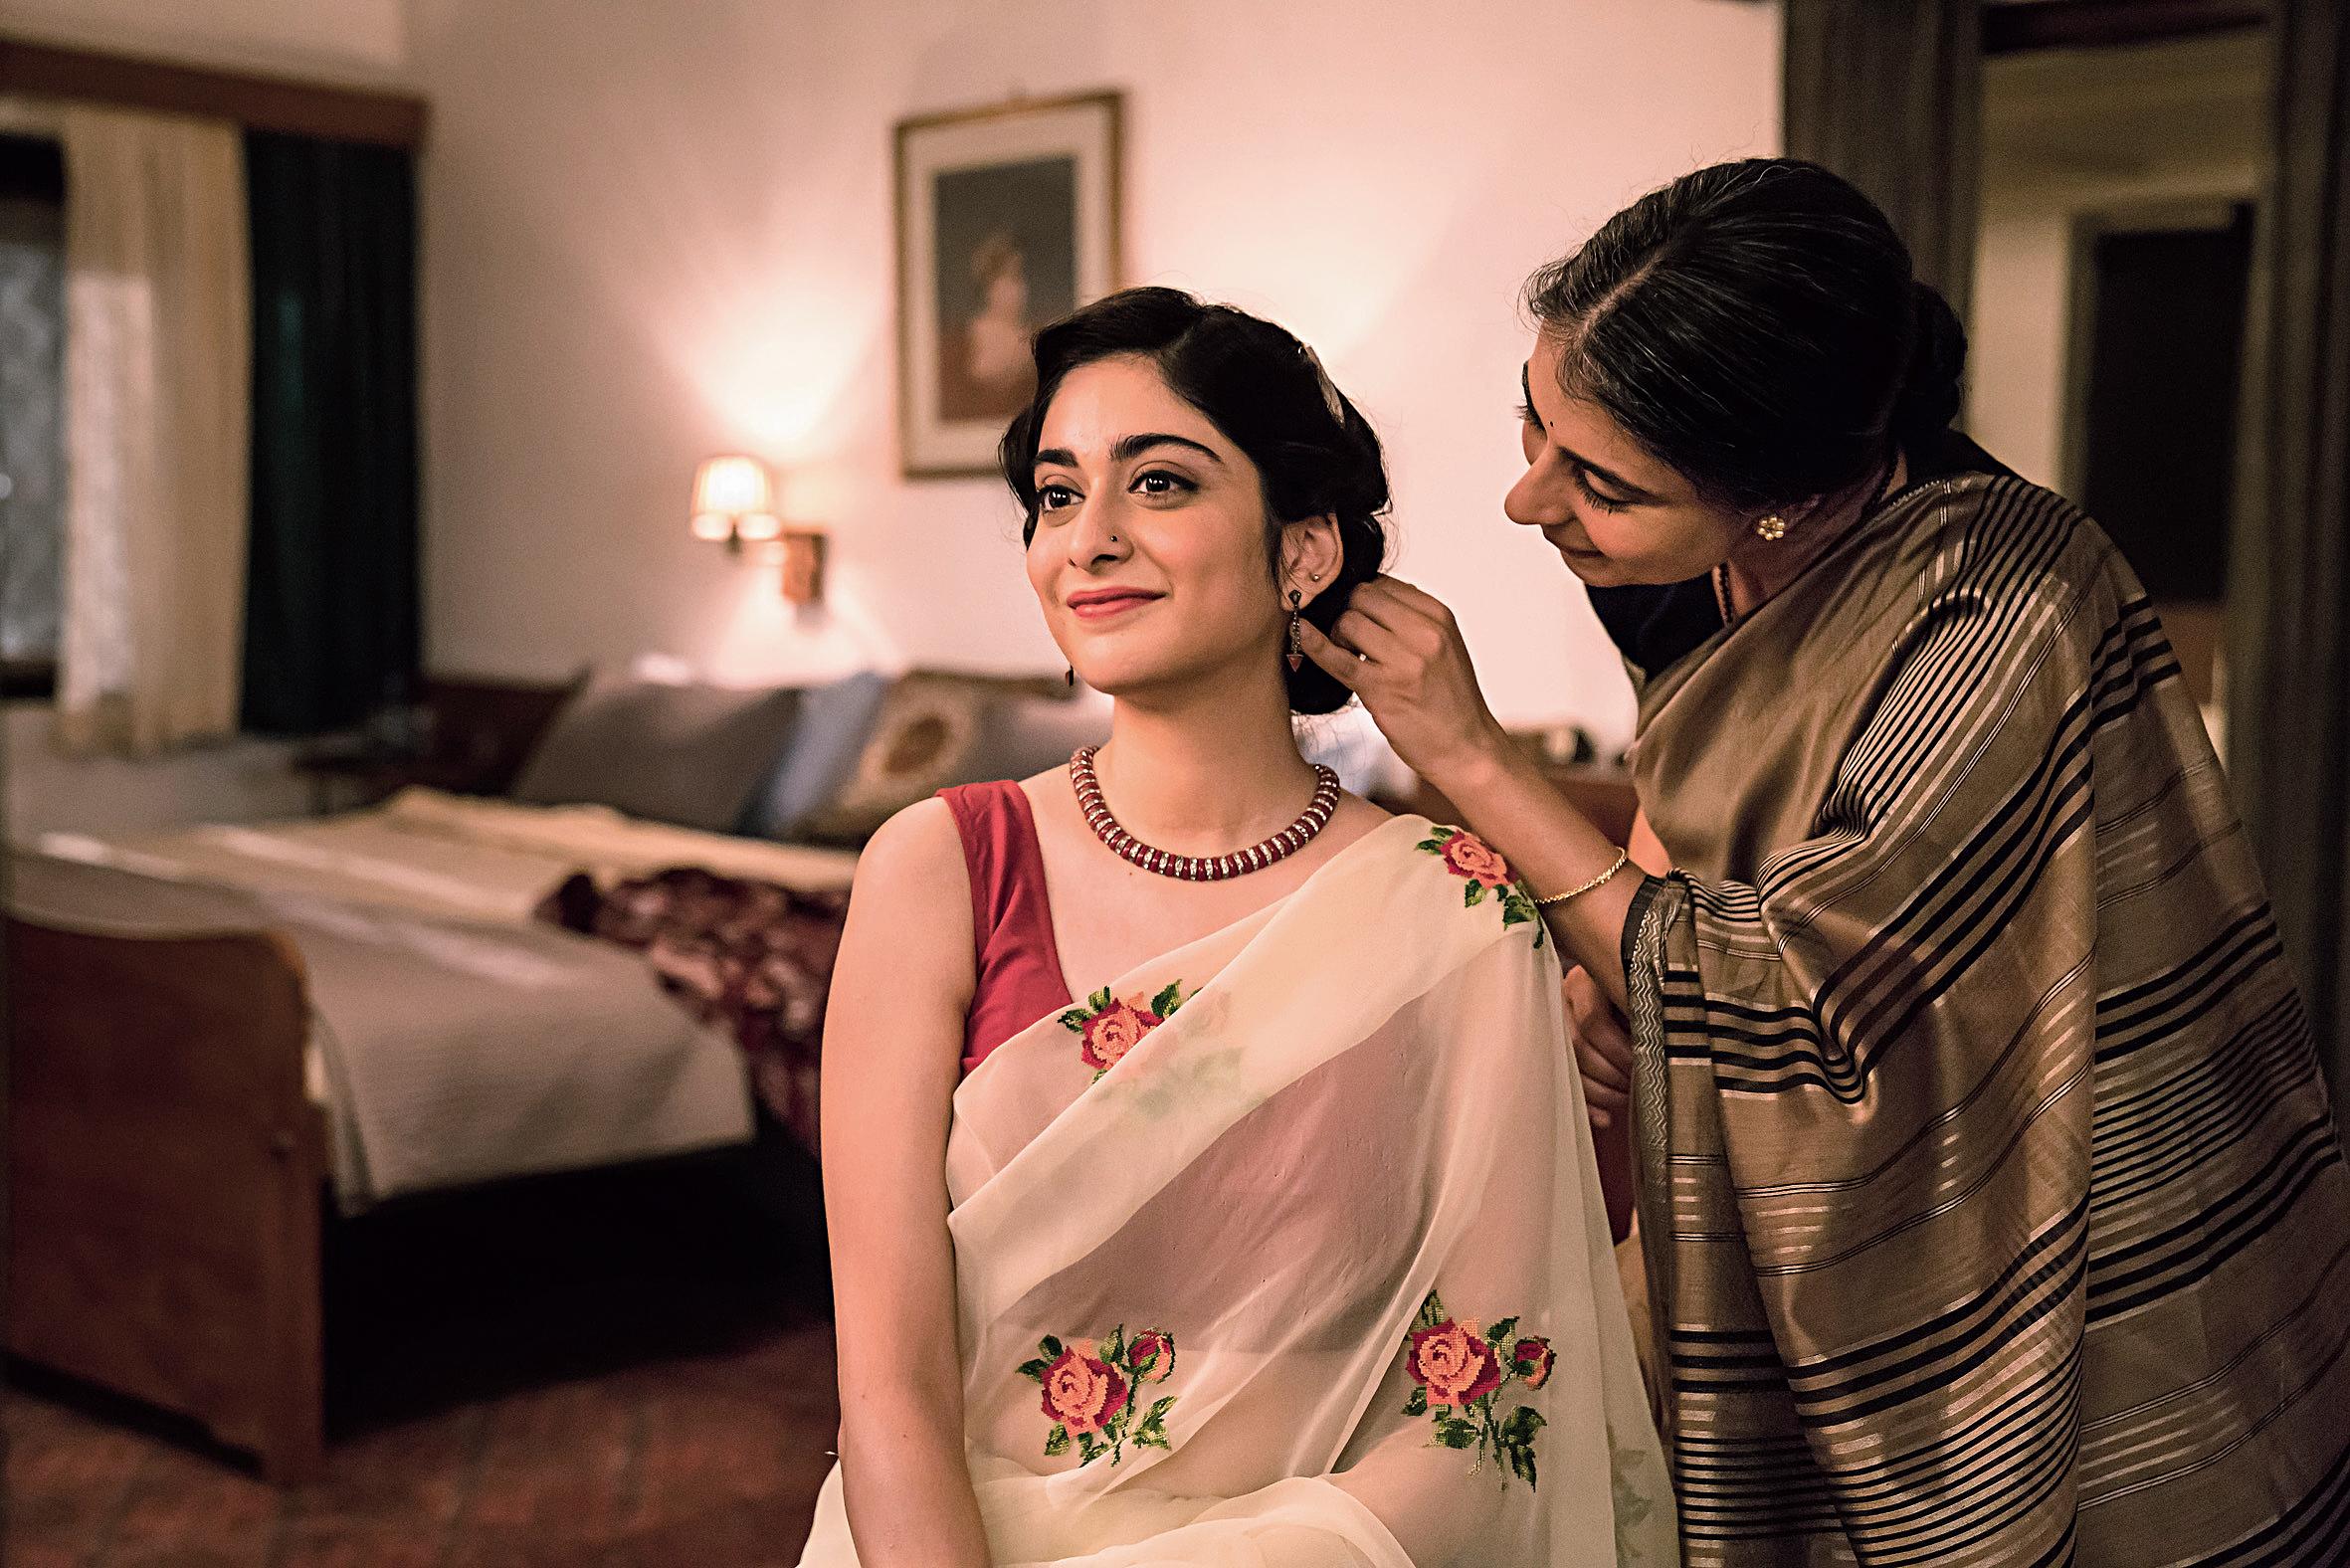 Tanya Maniktala as Lata in Mira Nair's BBC One adaptation of 'A Suitable Boy'.